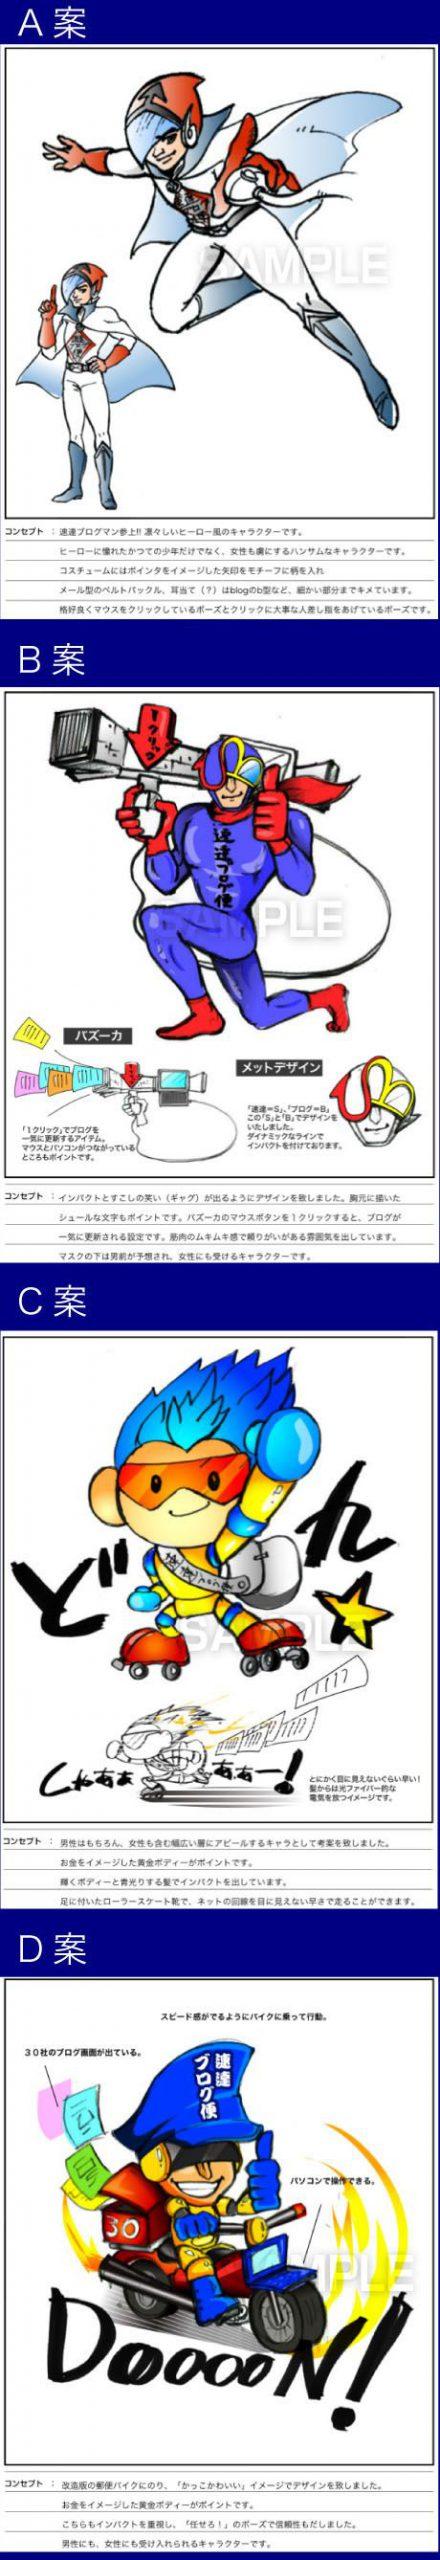 C61-02 キャラクターデザイン 最初に提示させて頂いたアイデアの内容